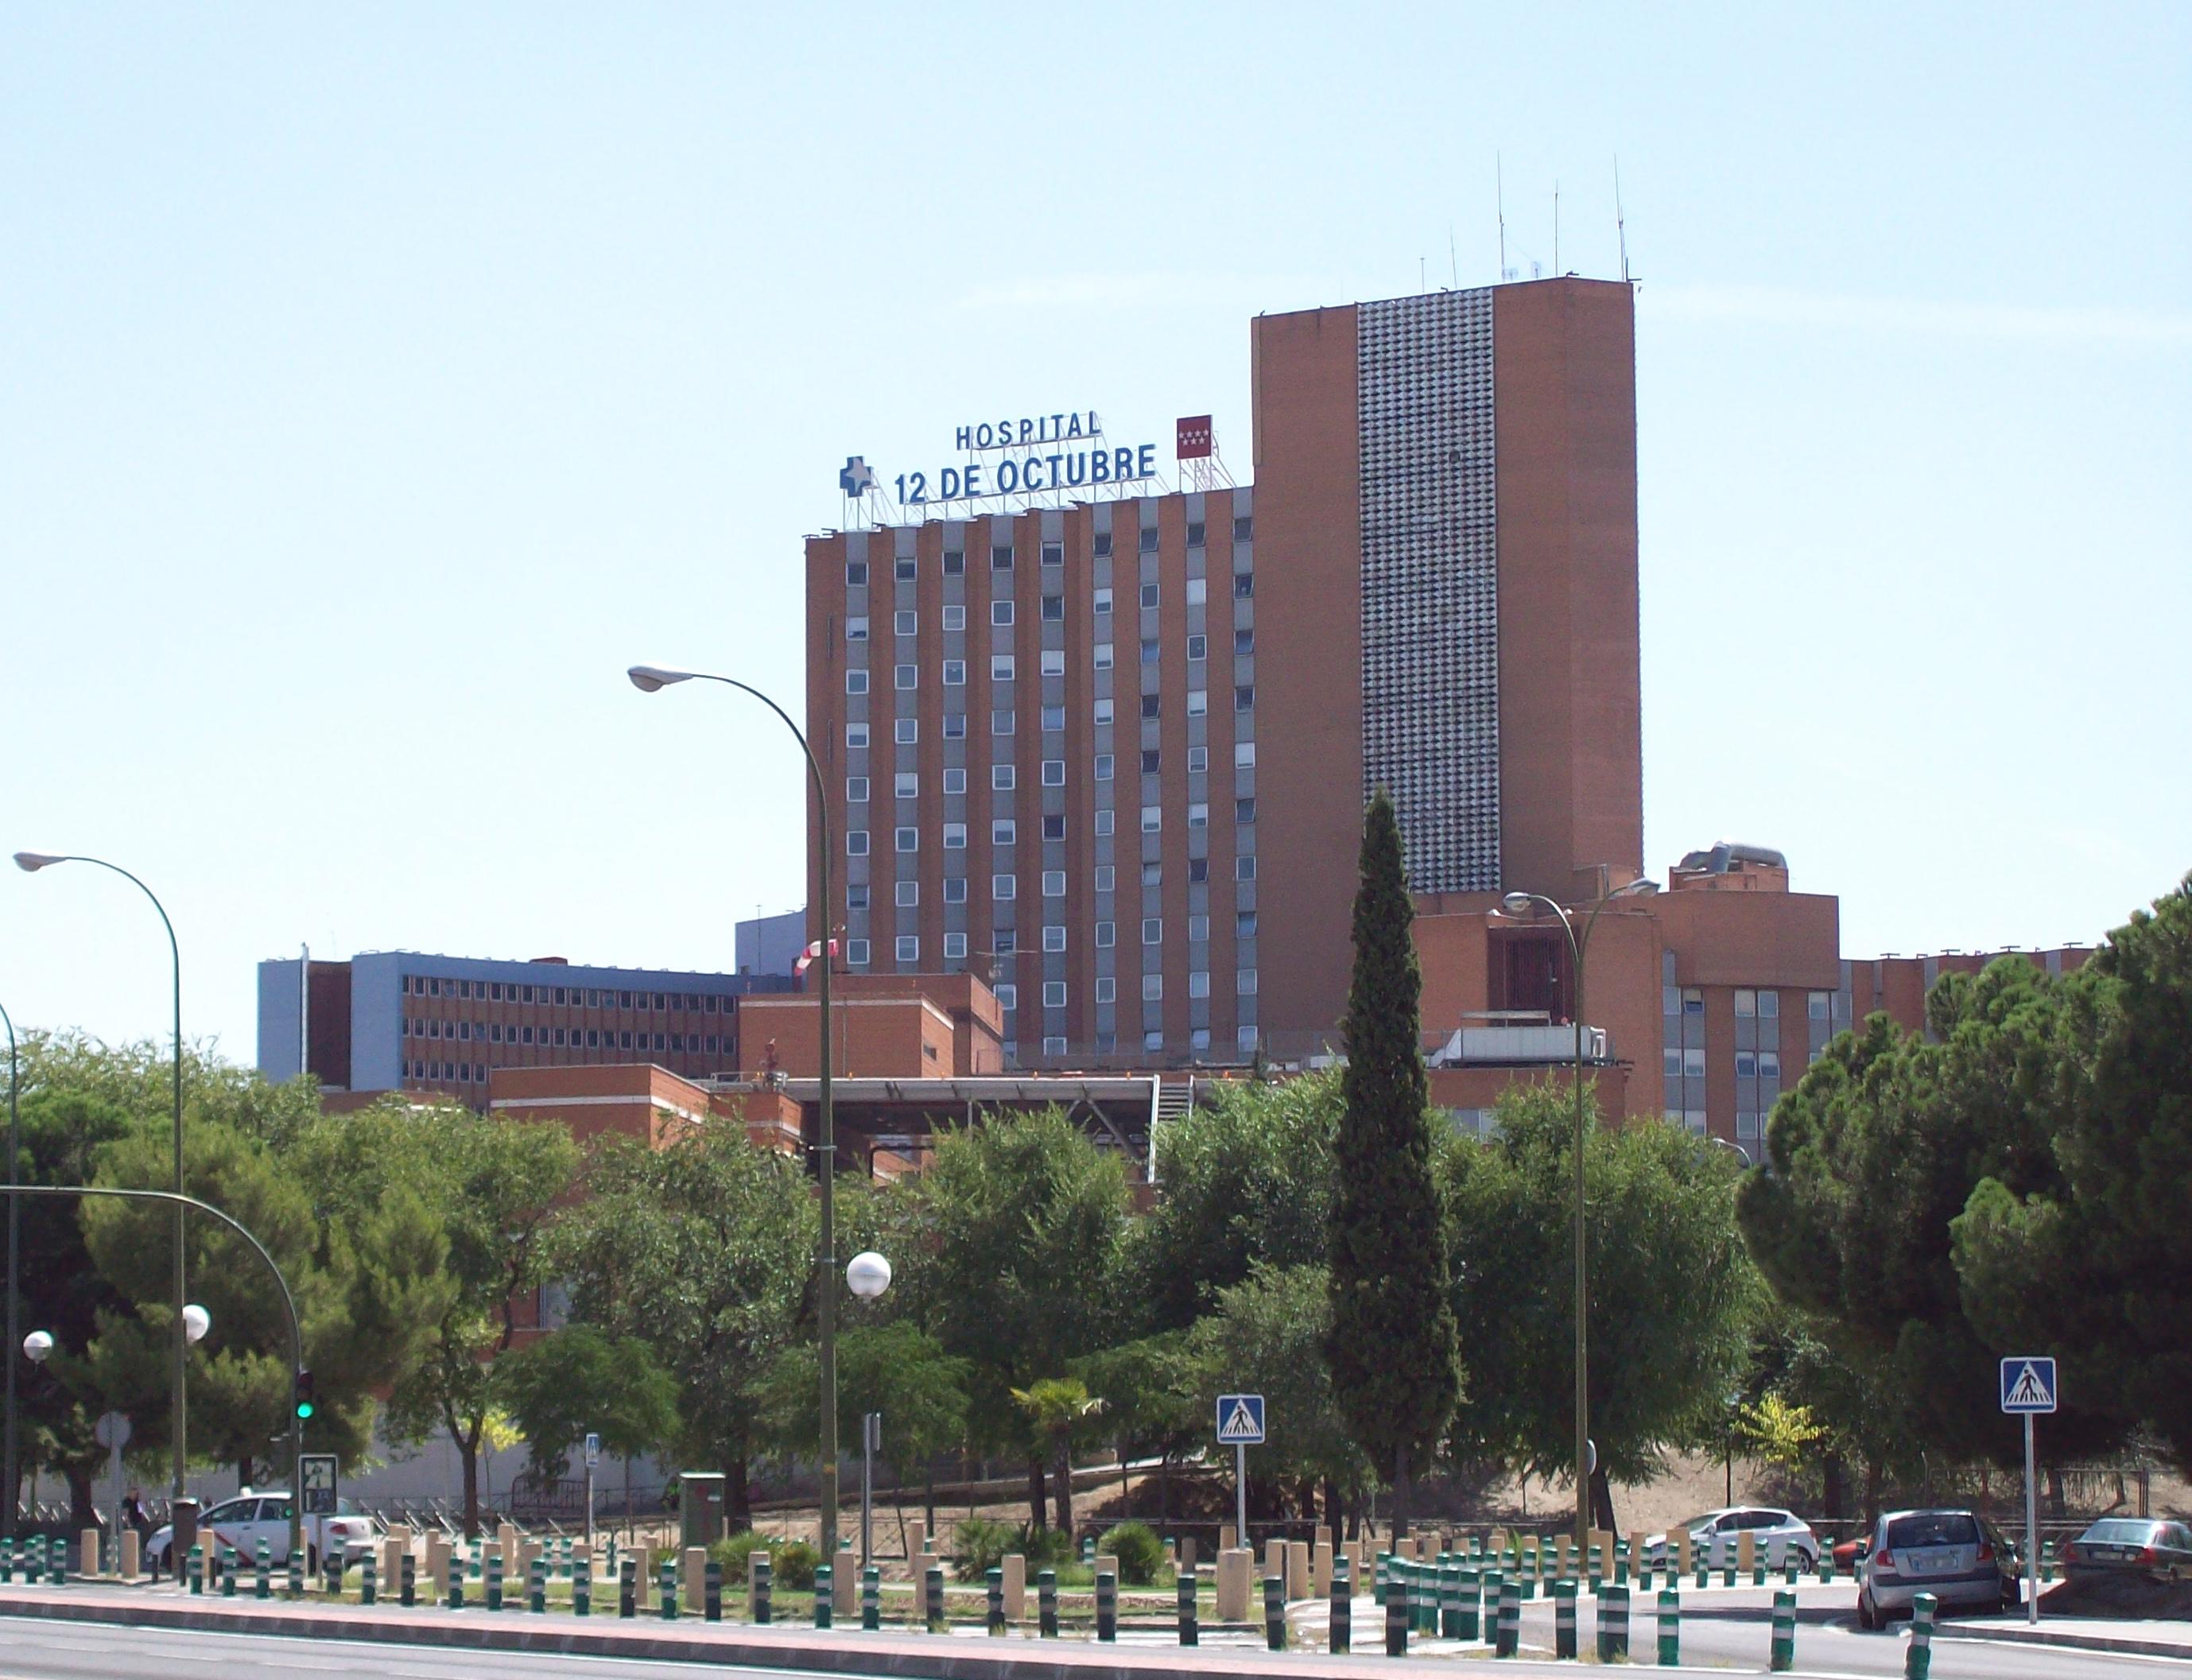 На модернизацию госпиталя 12 de Octubre будет потрачено €215 миллионов